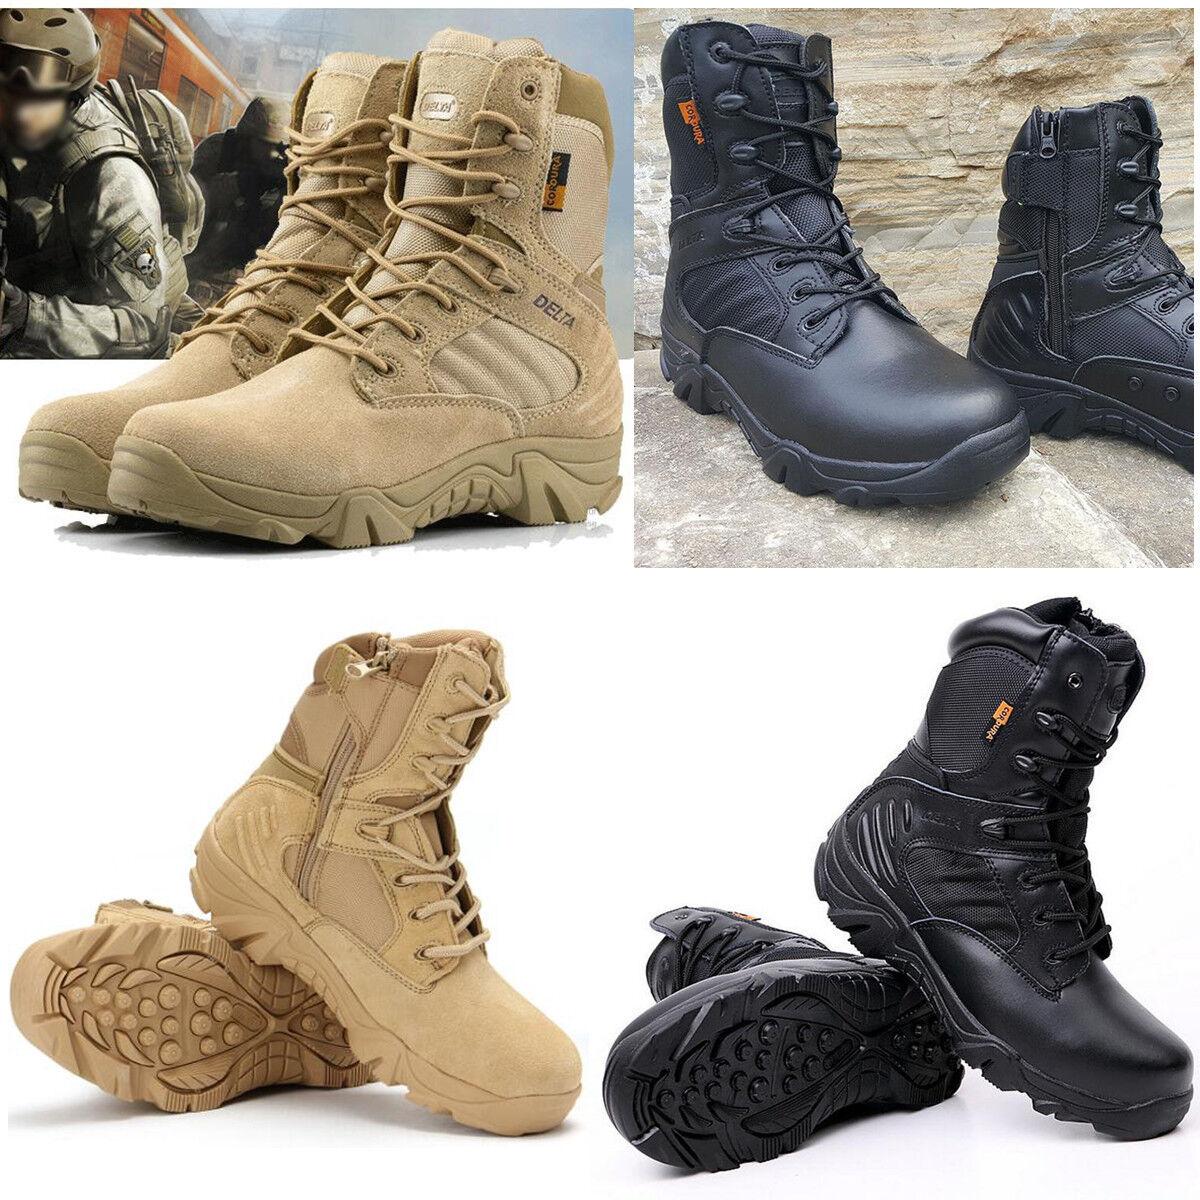 Tattica militare gli stivaletti cordura deserto lotta armata scarpe da trekking